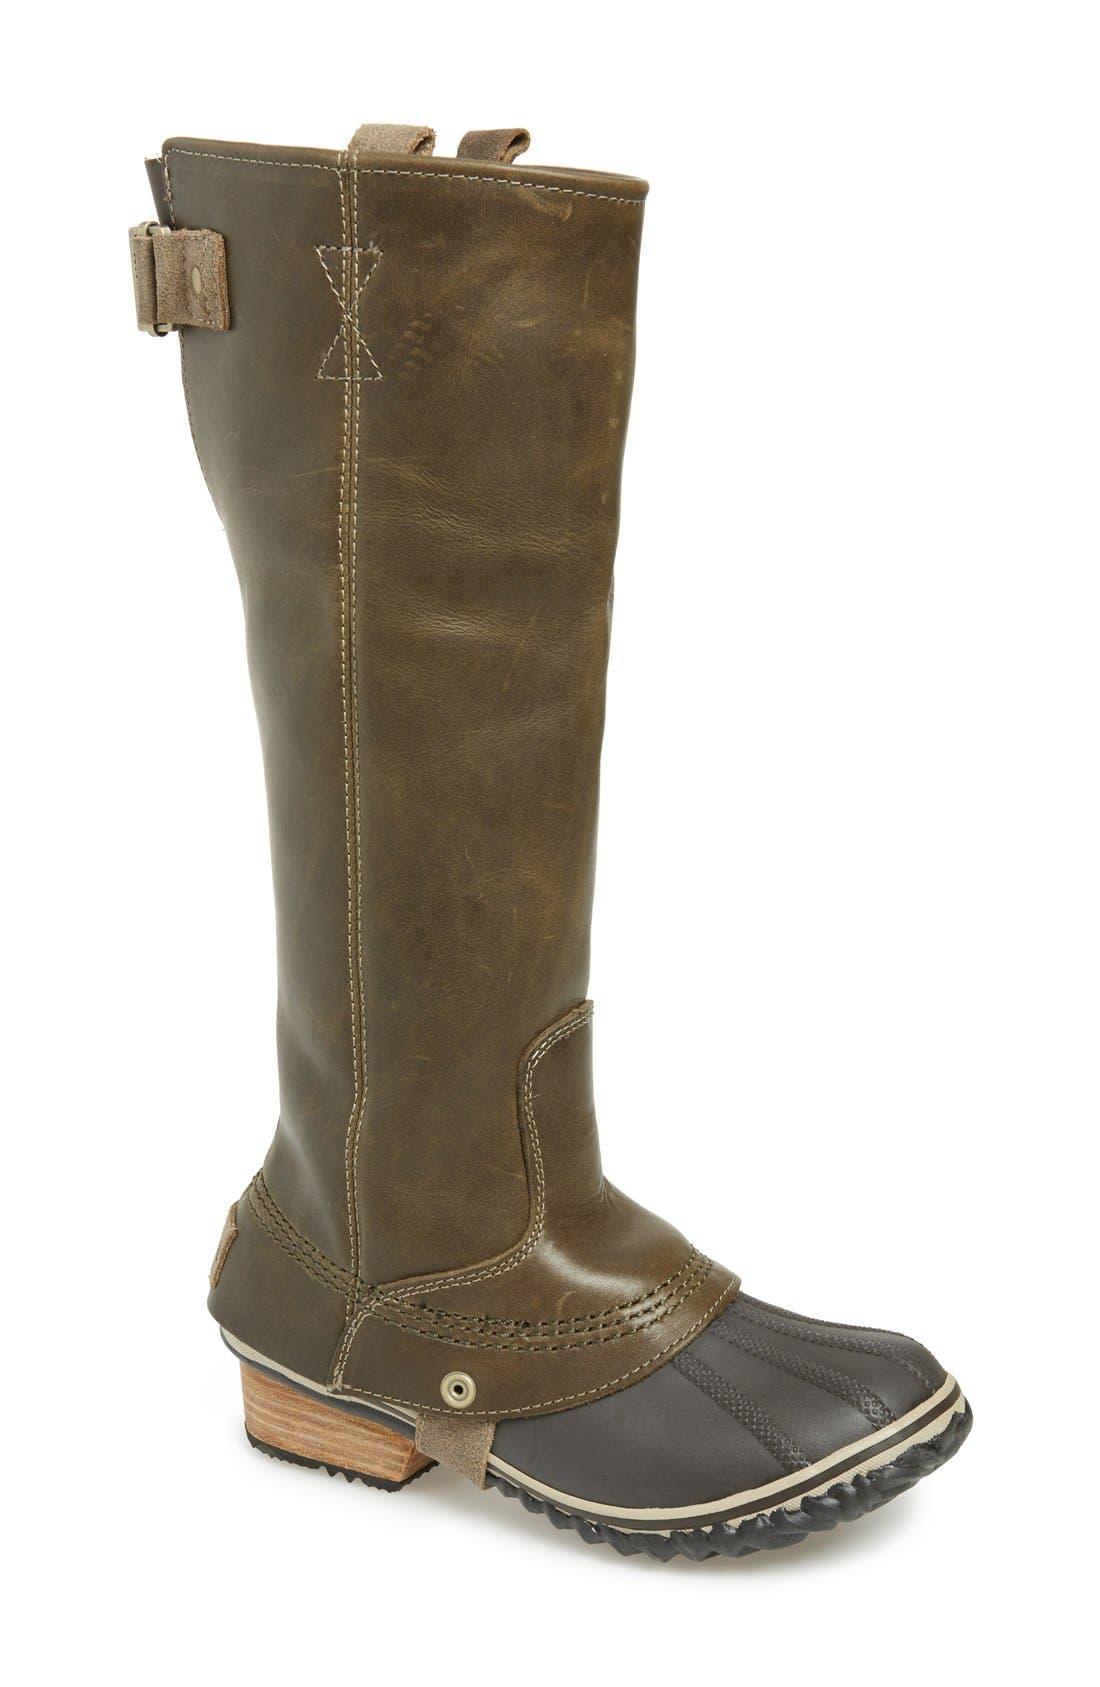 Alternate Image 1 Selected - SOREL 'Slimpack' Riding Boot